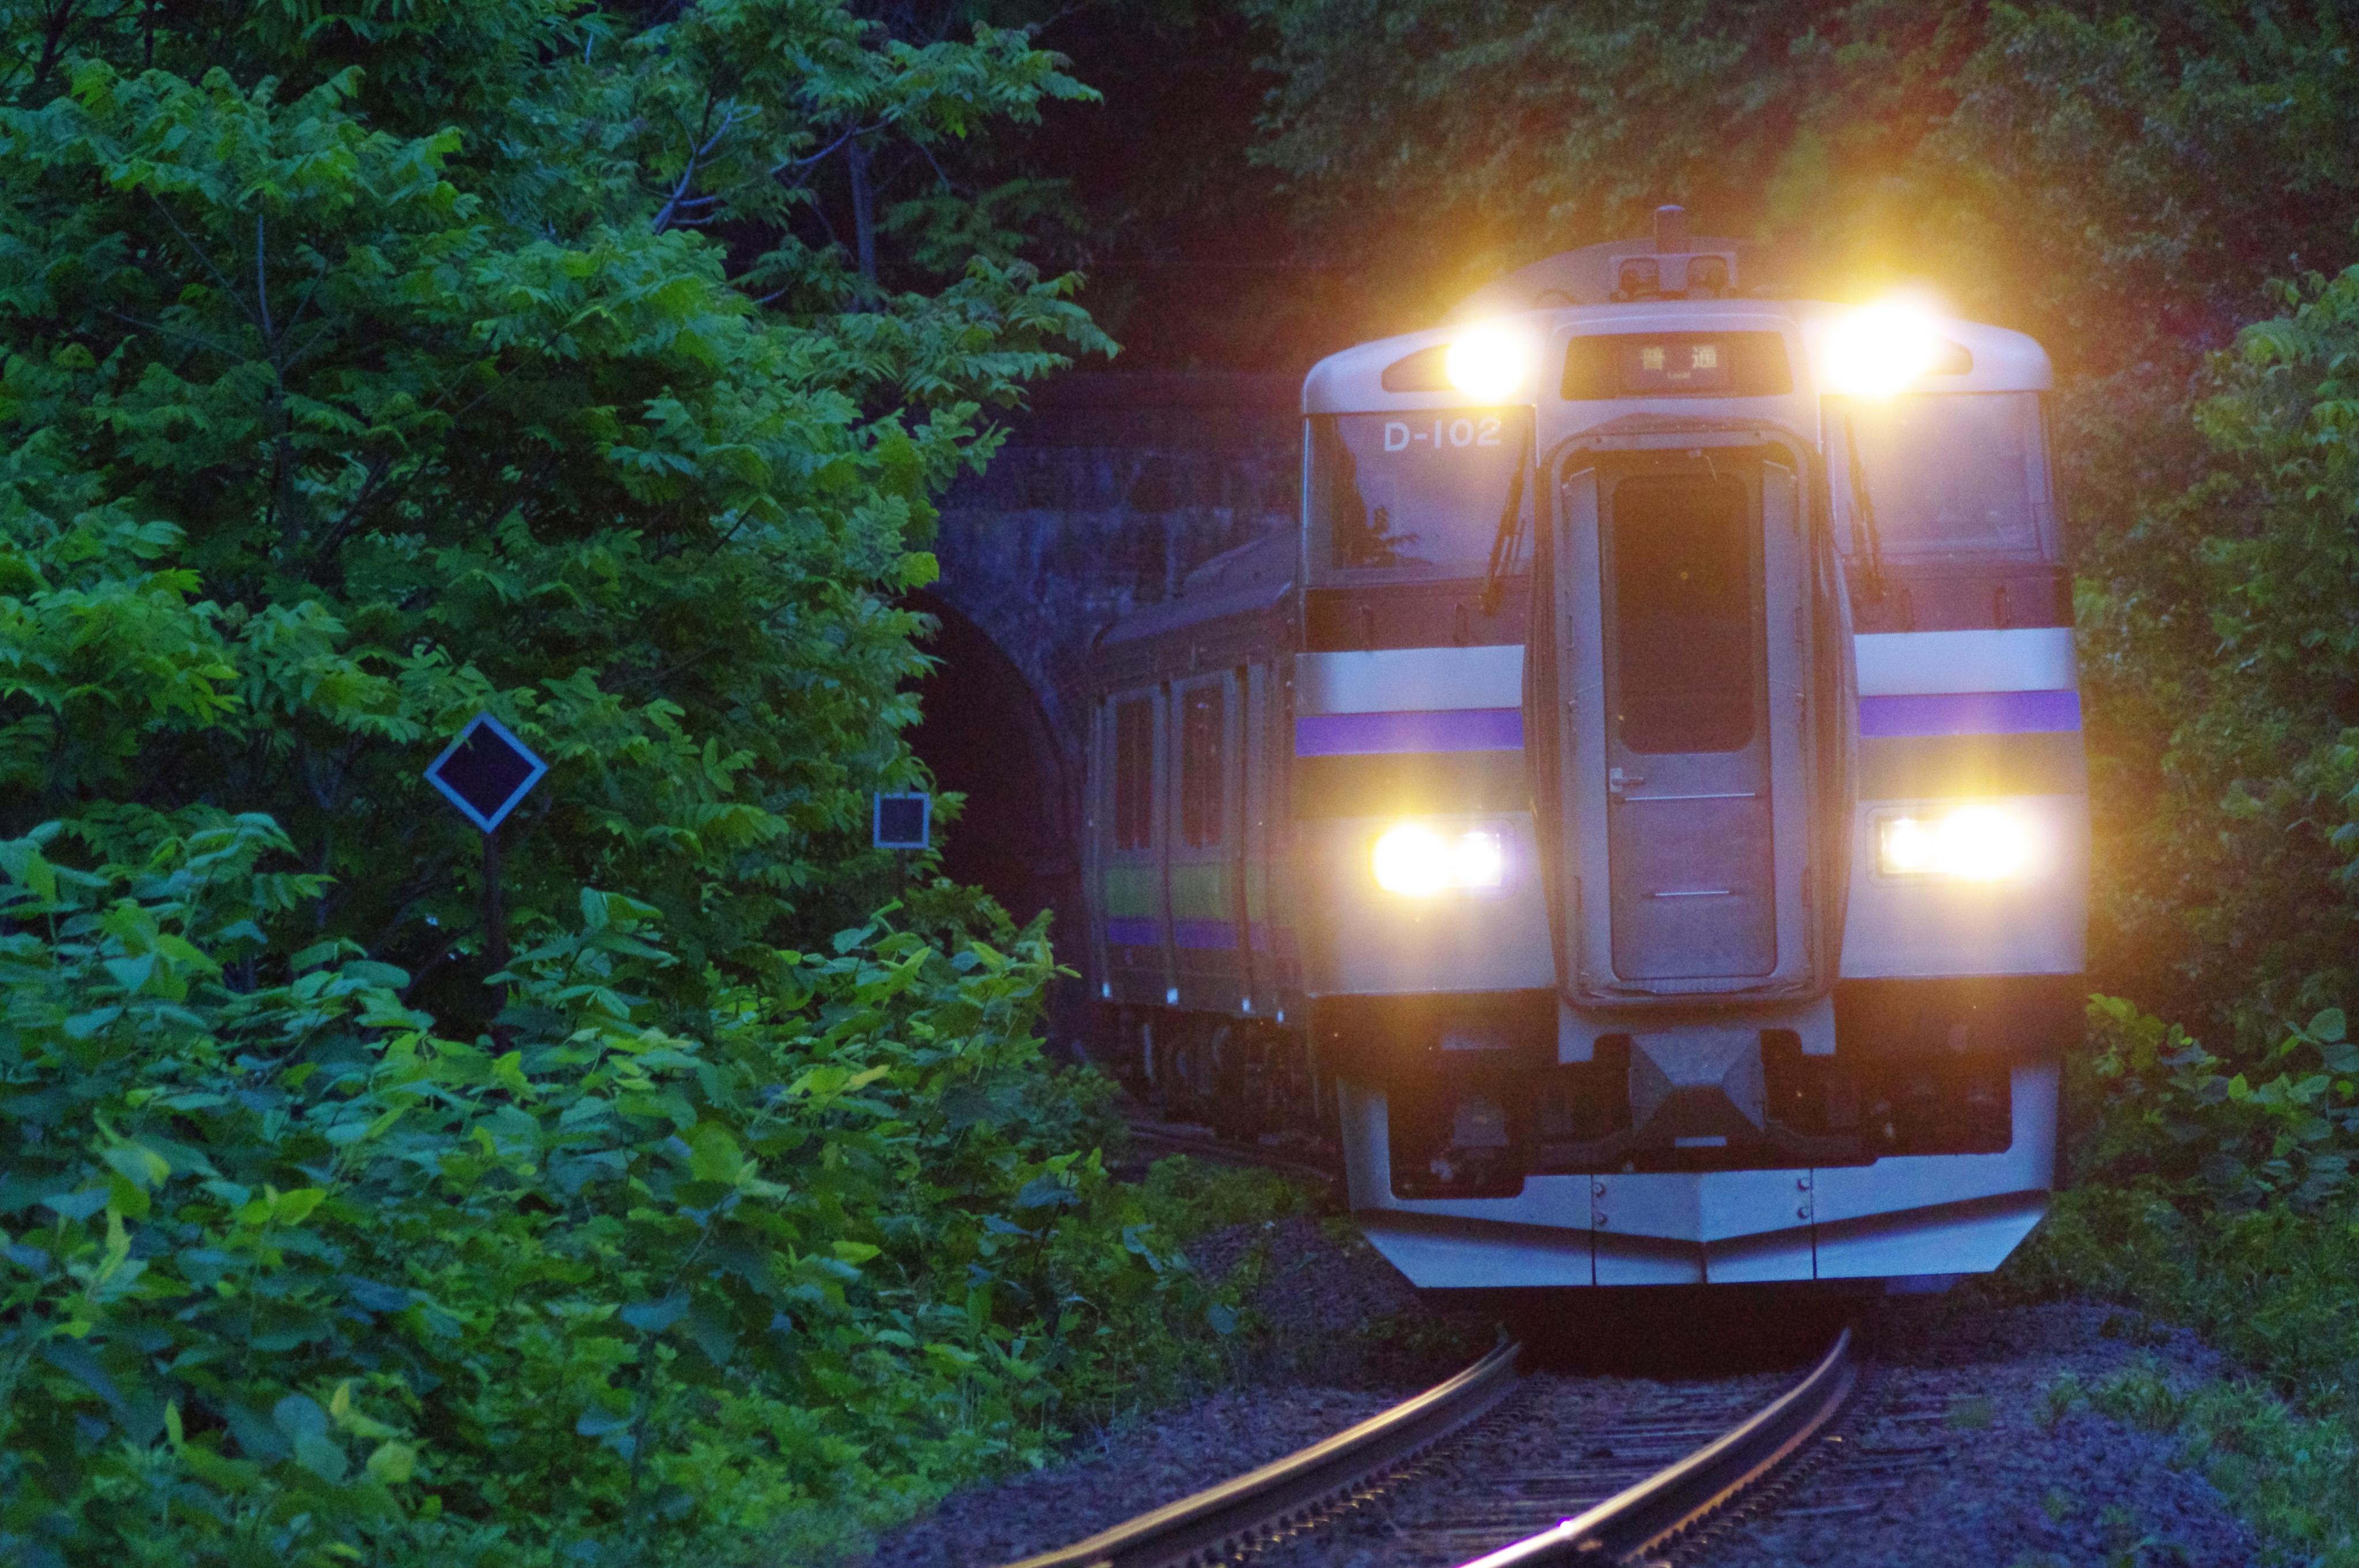 キハ201 3954D 快速ニセコライナー 塩谷−蘭島 桃内トンネル アップ_190612.jpg